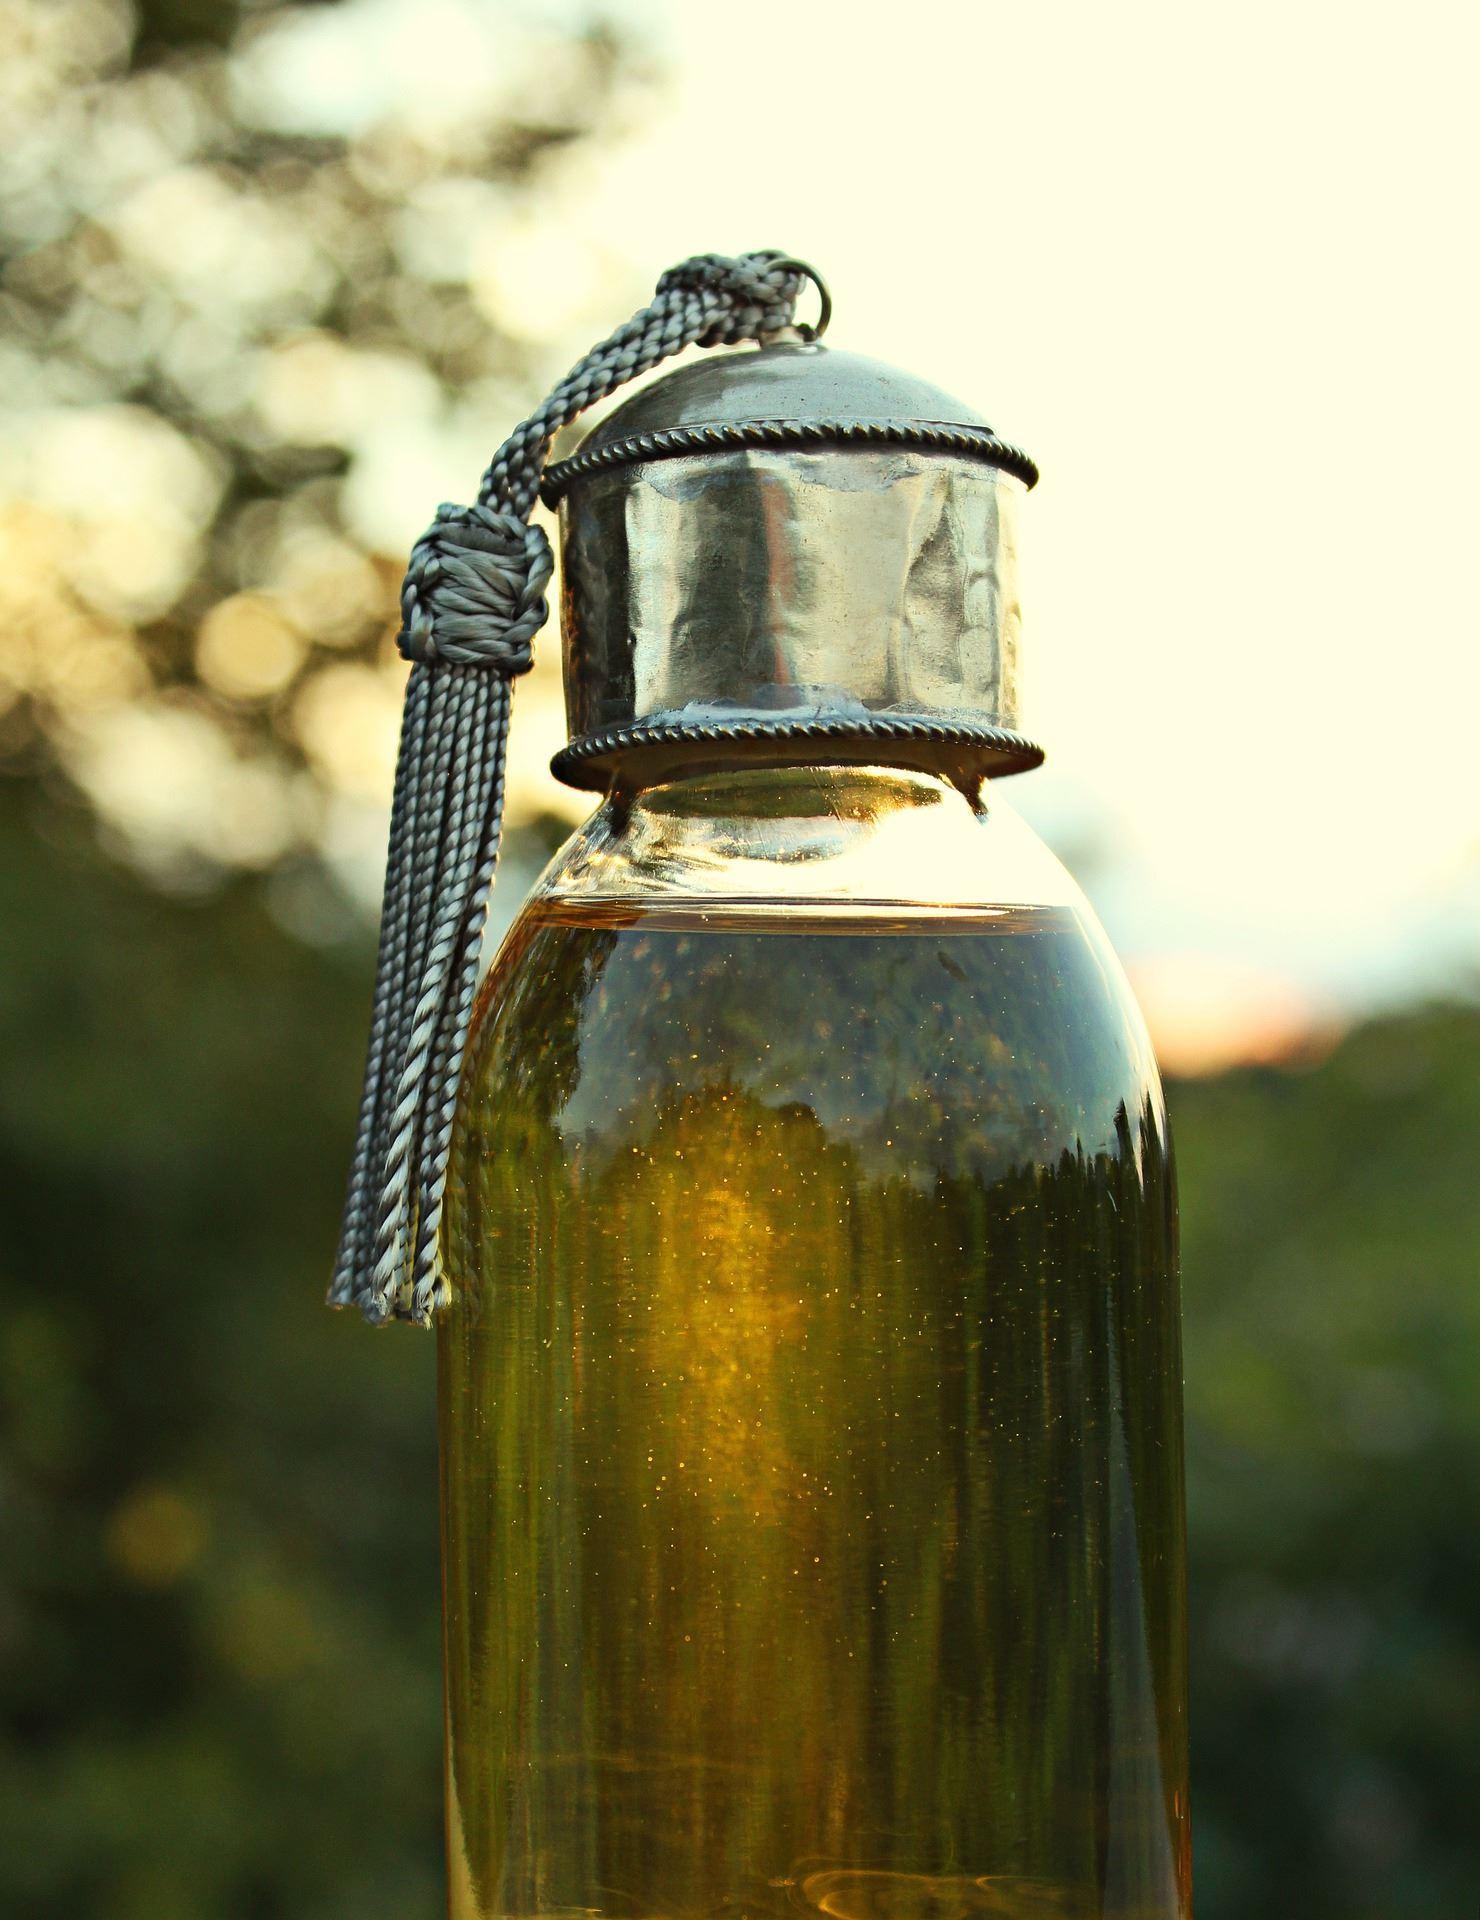 En krukke med olie i solnedgang